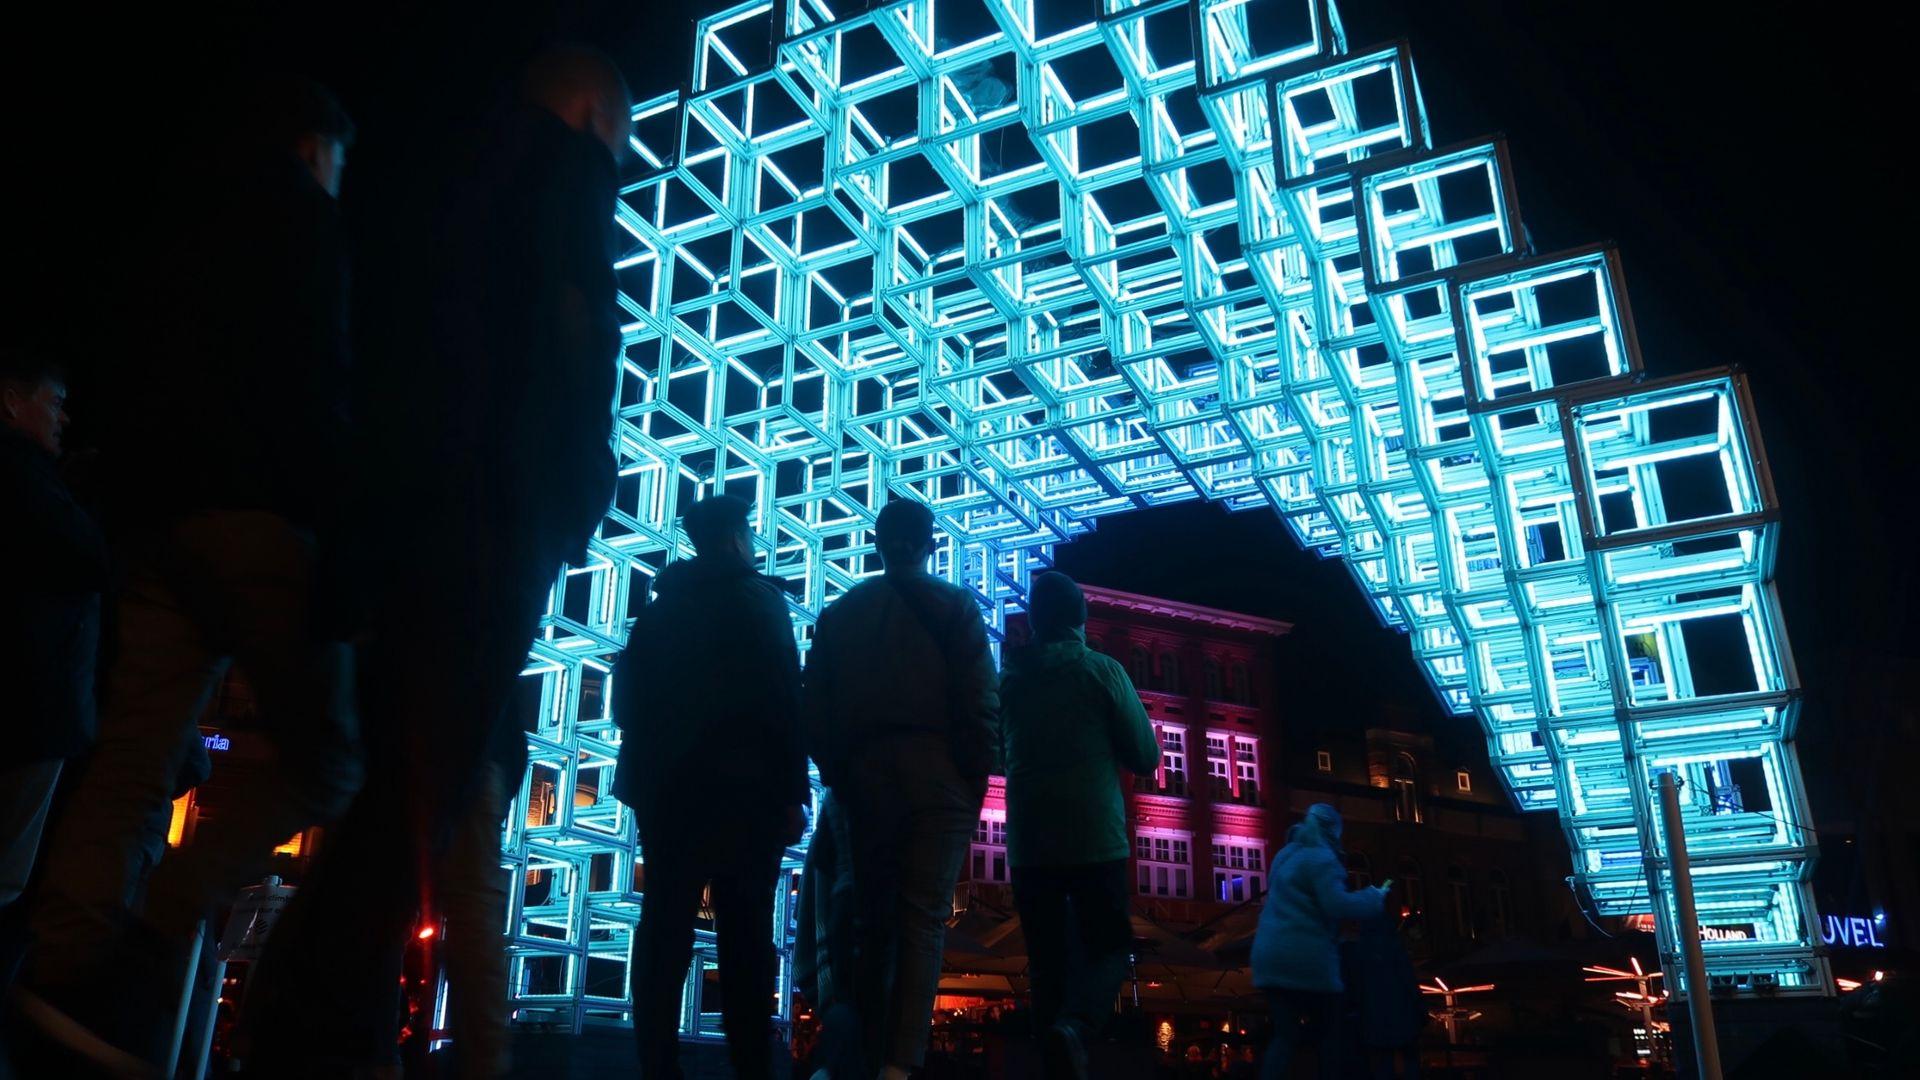 Glow_2019 Tunneltje Markt